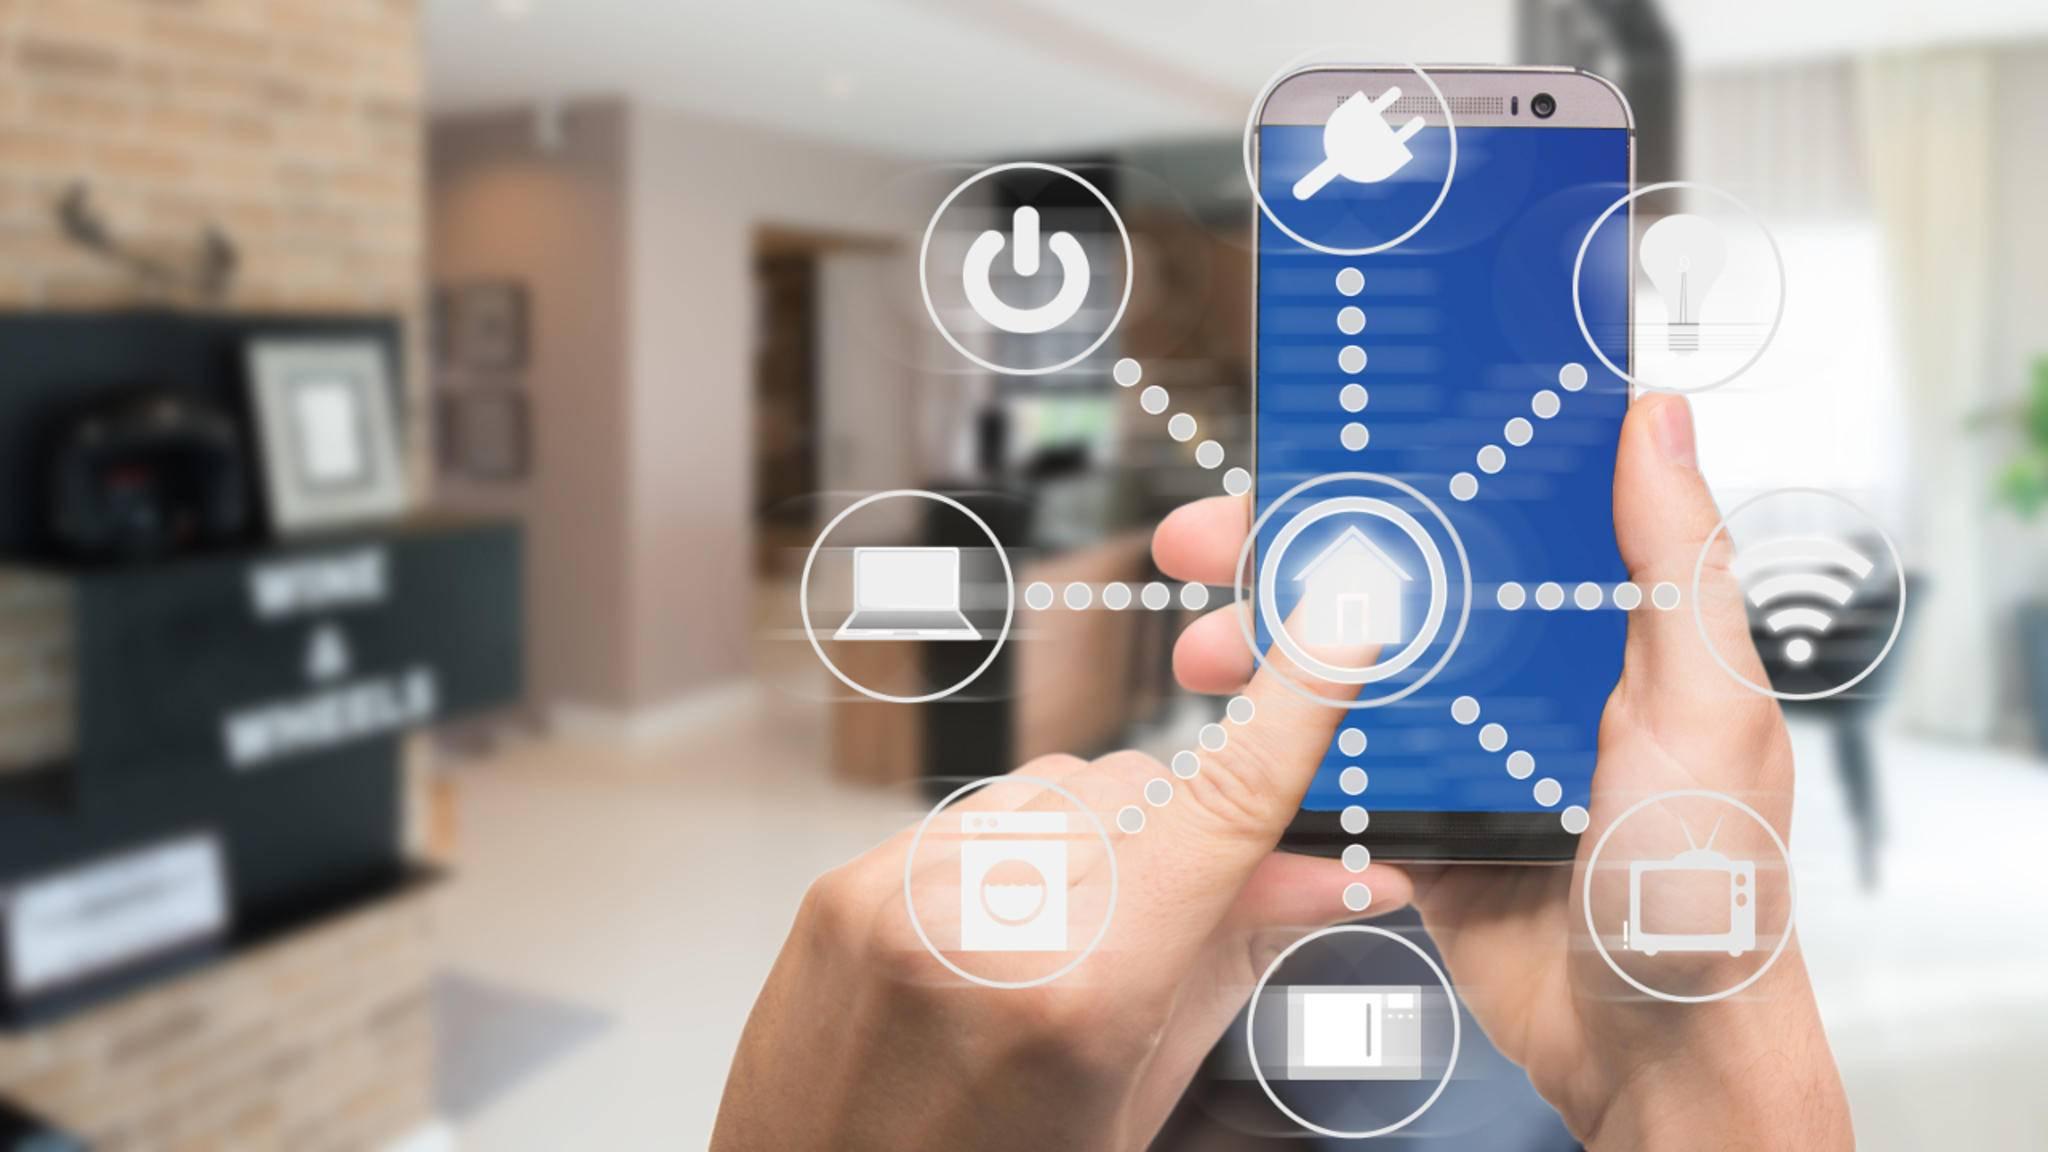 Qivicon führt mehrere Smart-Home-Features zusammen.